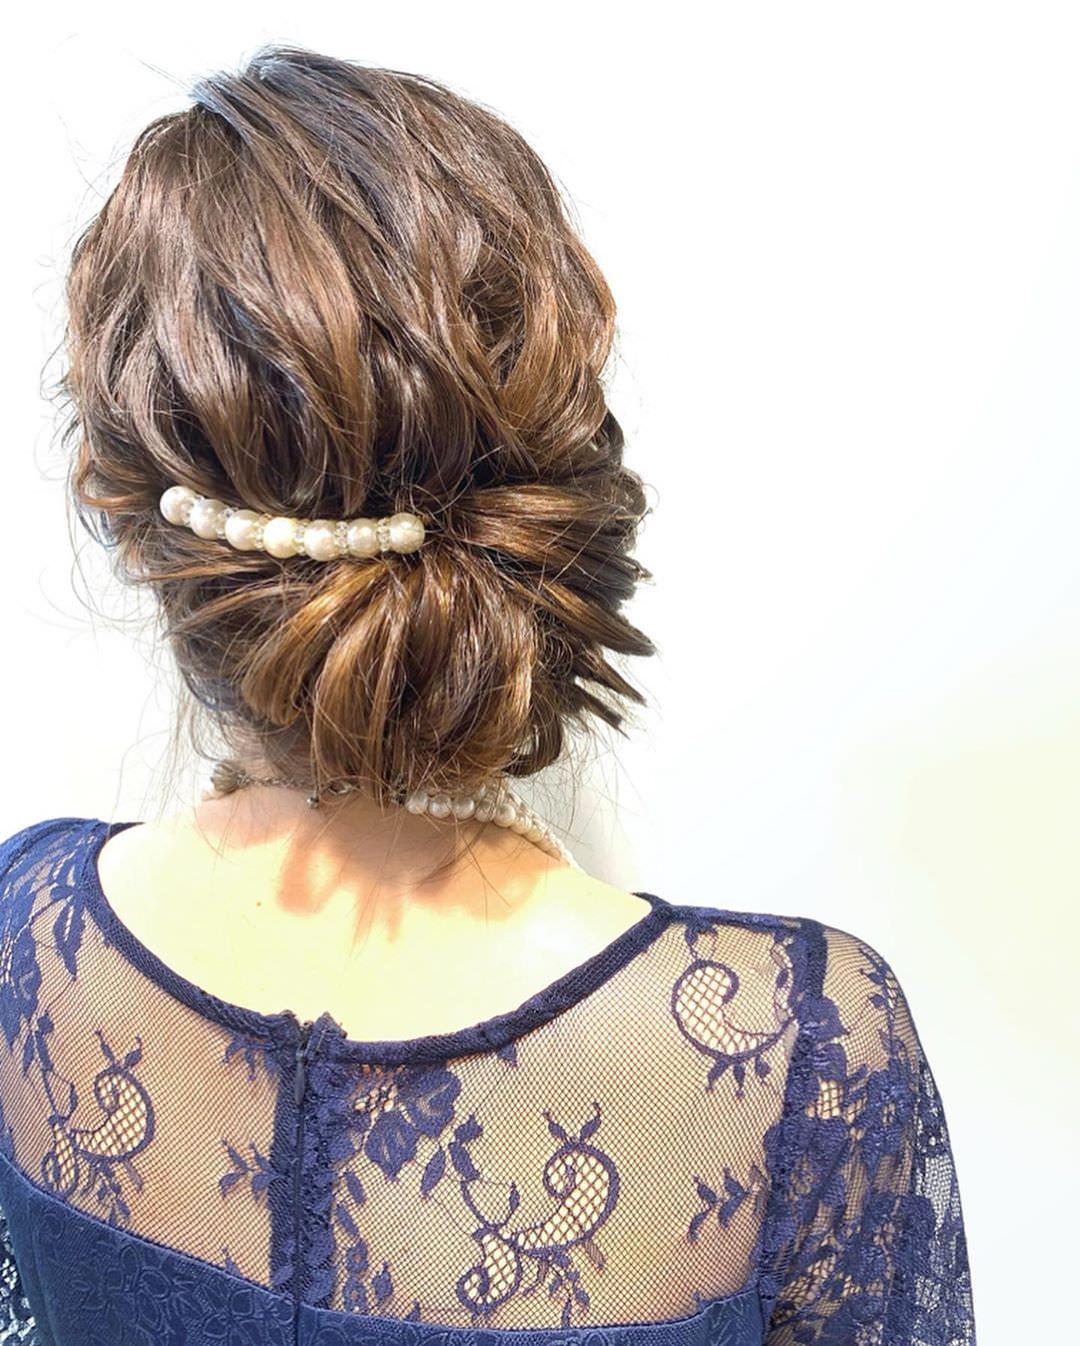 キラキラパールが冬っぽくてカワイイ♡パールのヘアアクセに似合うヘアアレンジ7